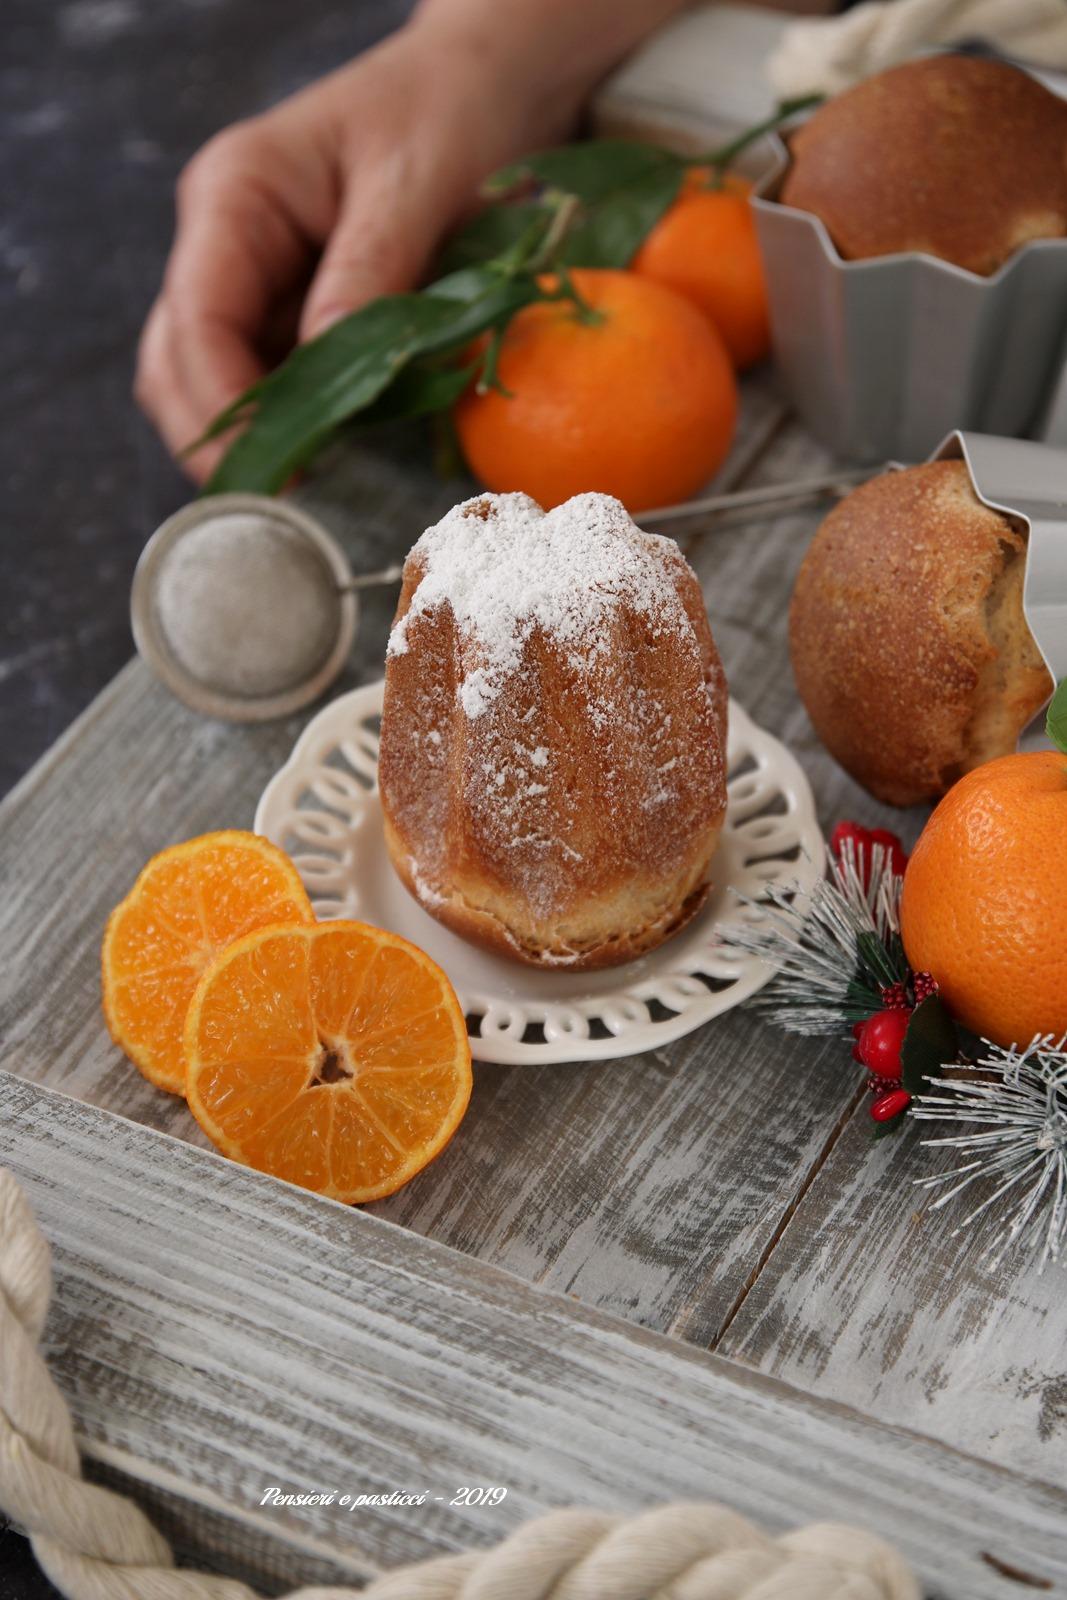 Pandorini di panbrioche al mandarino